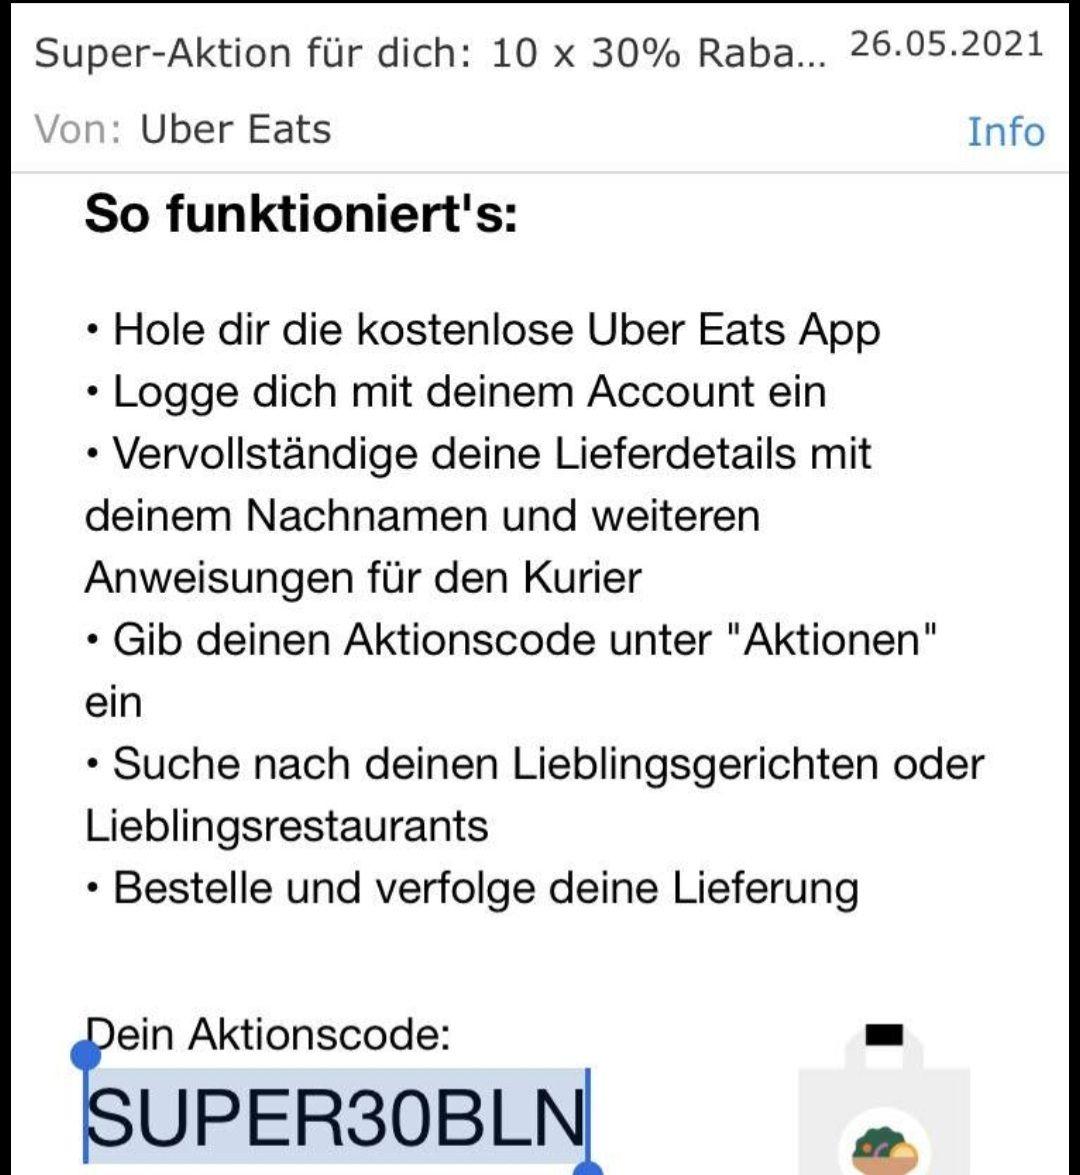 Uber eats 10x30% Rabatt (Berlin)